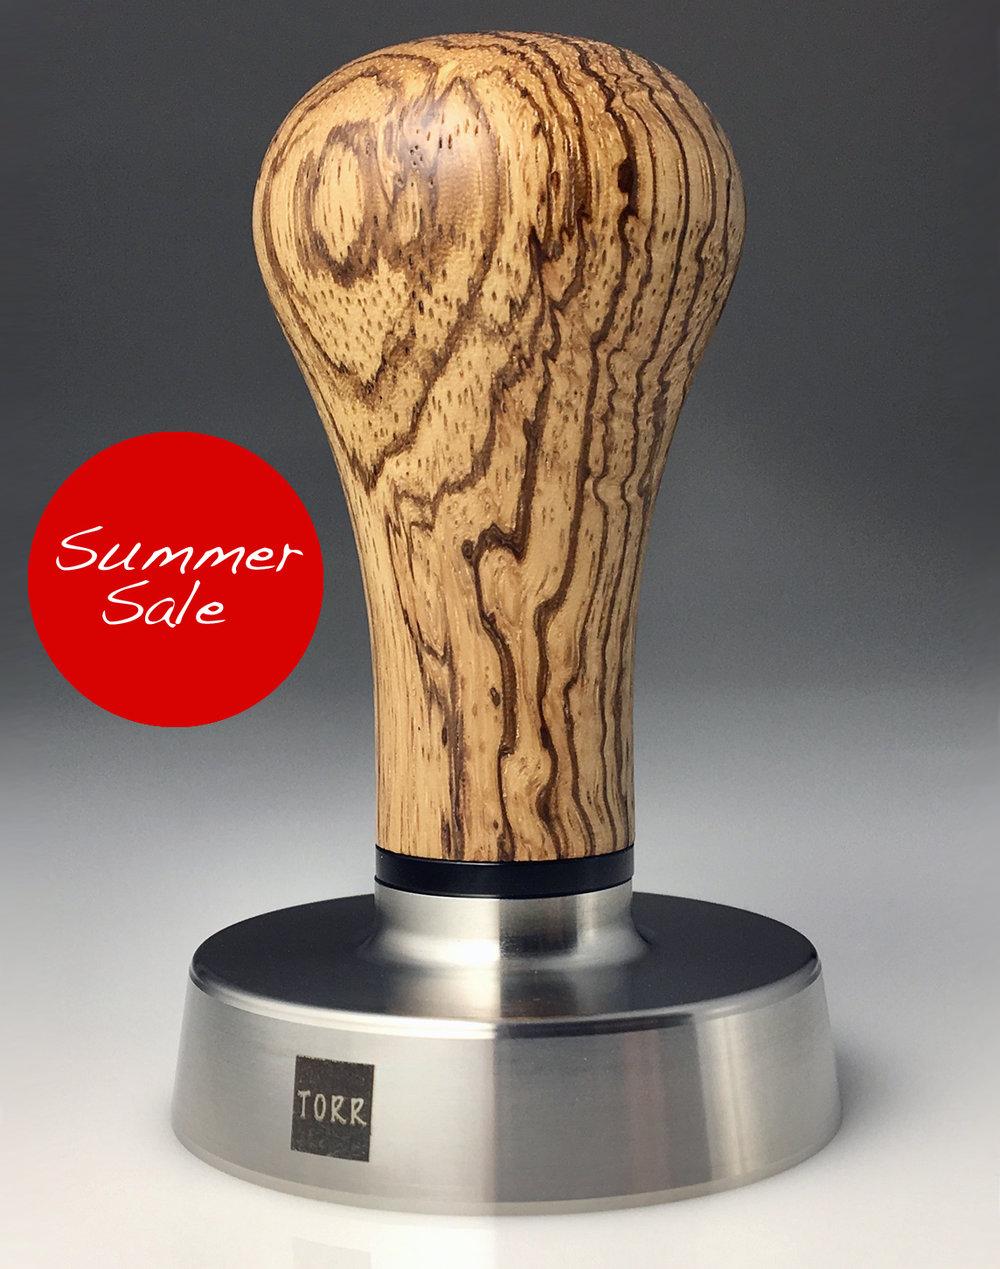 Summer Sale TORR Tamper TI G5 SE 58.55